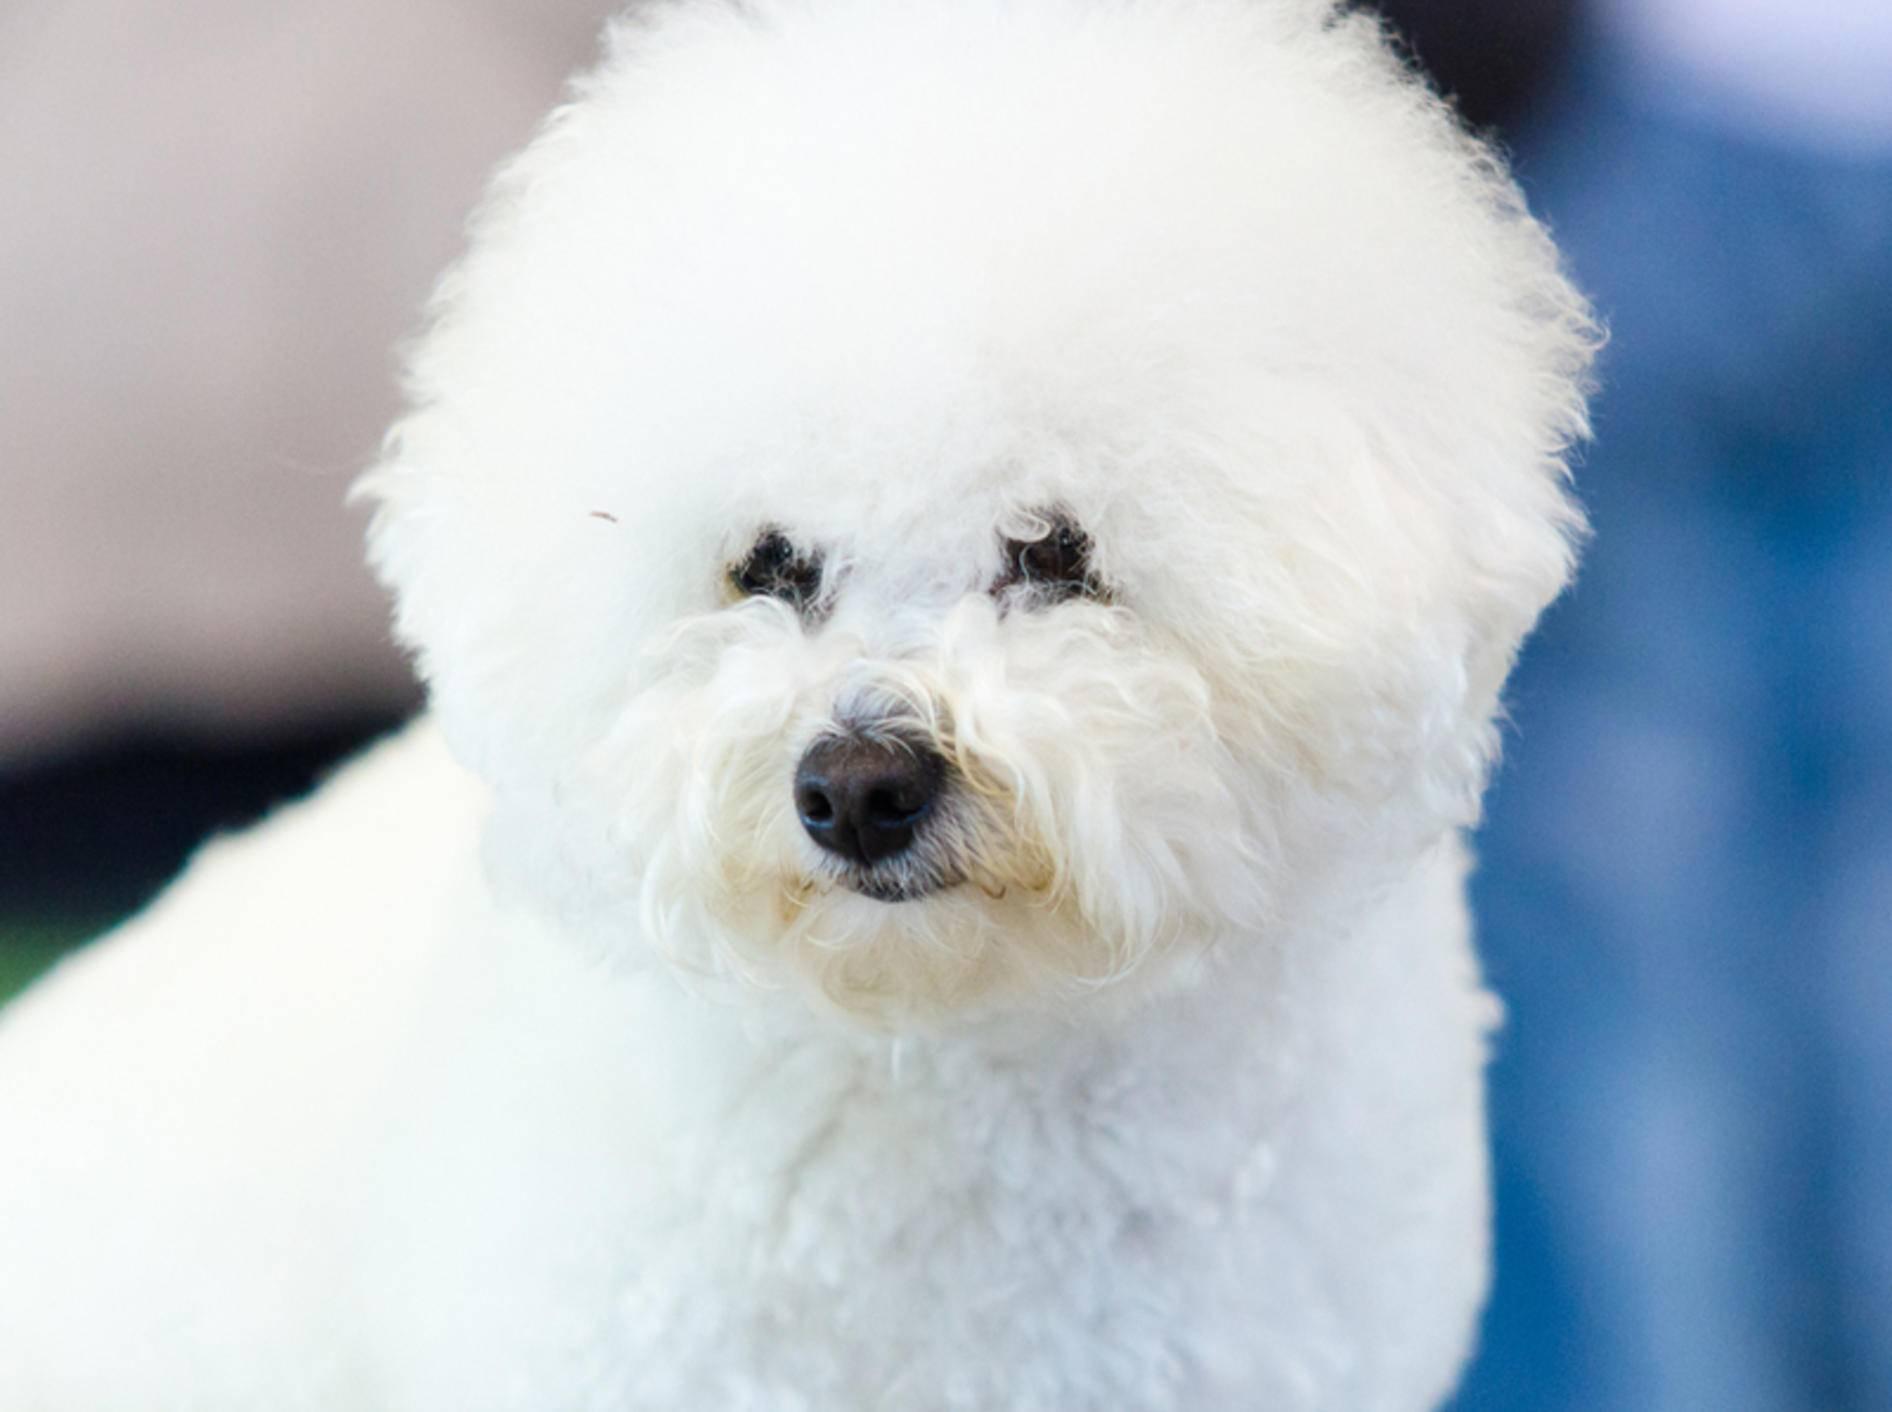 Ein Bichon Frisé kann über 15 Jahre alt werden. Umso wichtiger ist es, die Gesundheit des Hundes lange zu erhalten – Shutterstock / Fotoeventis